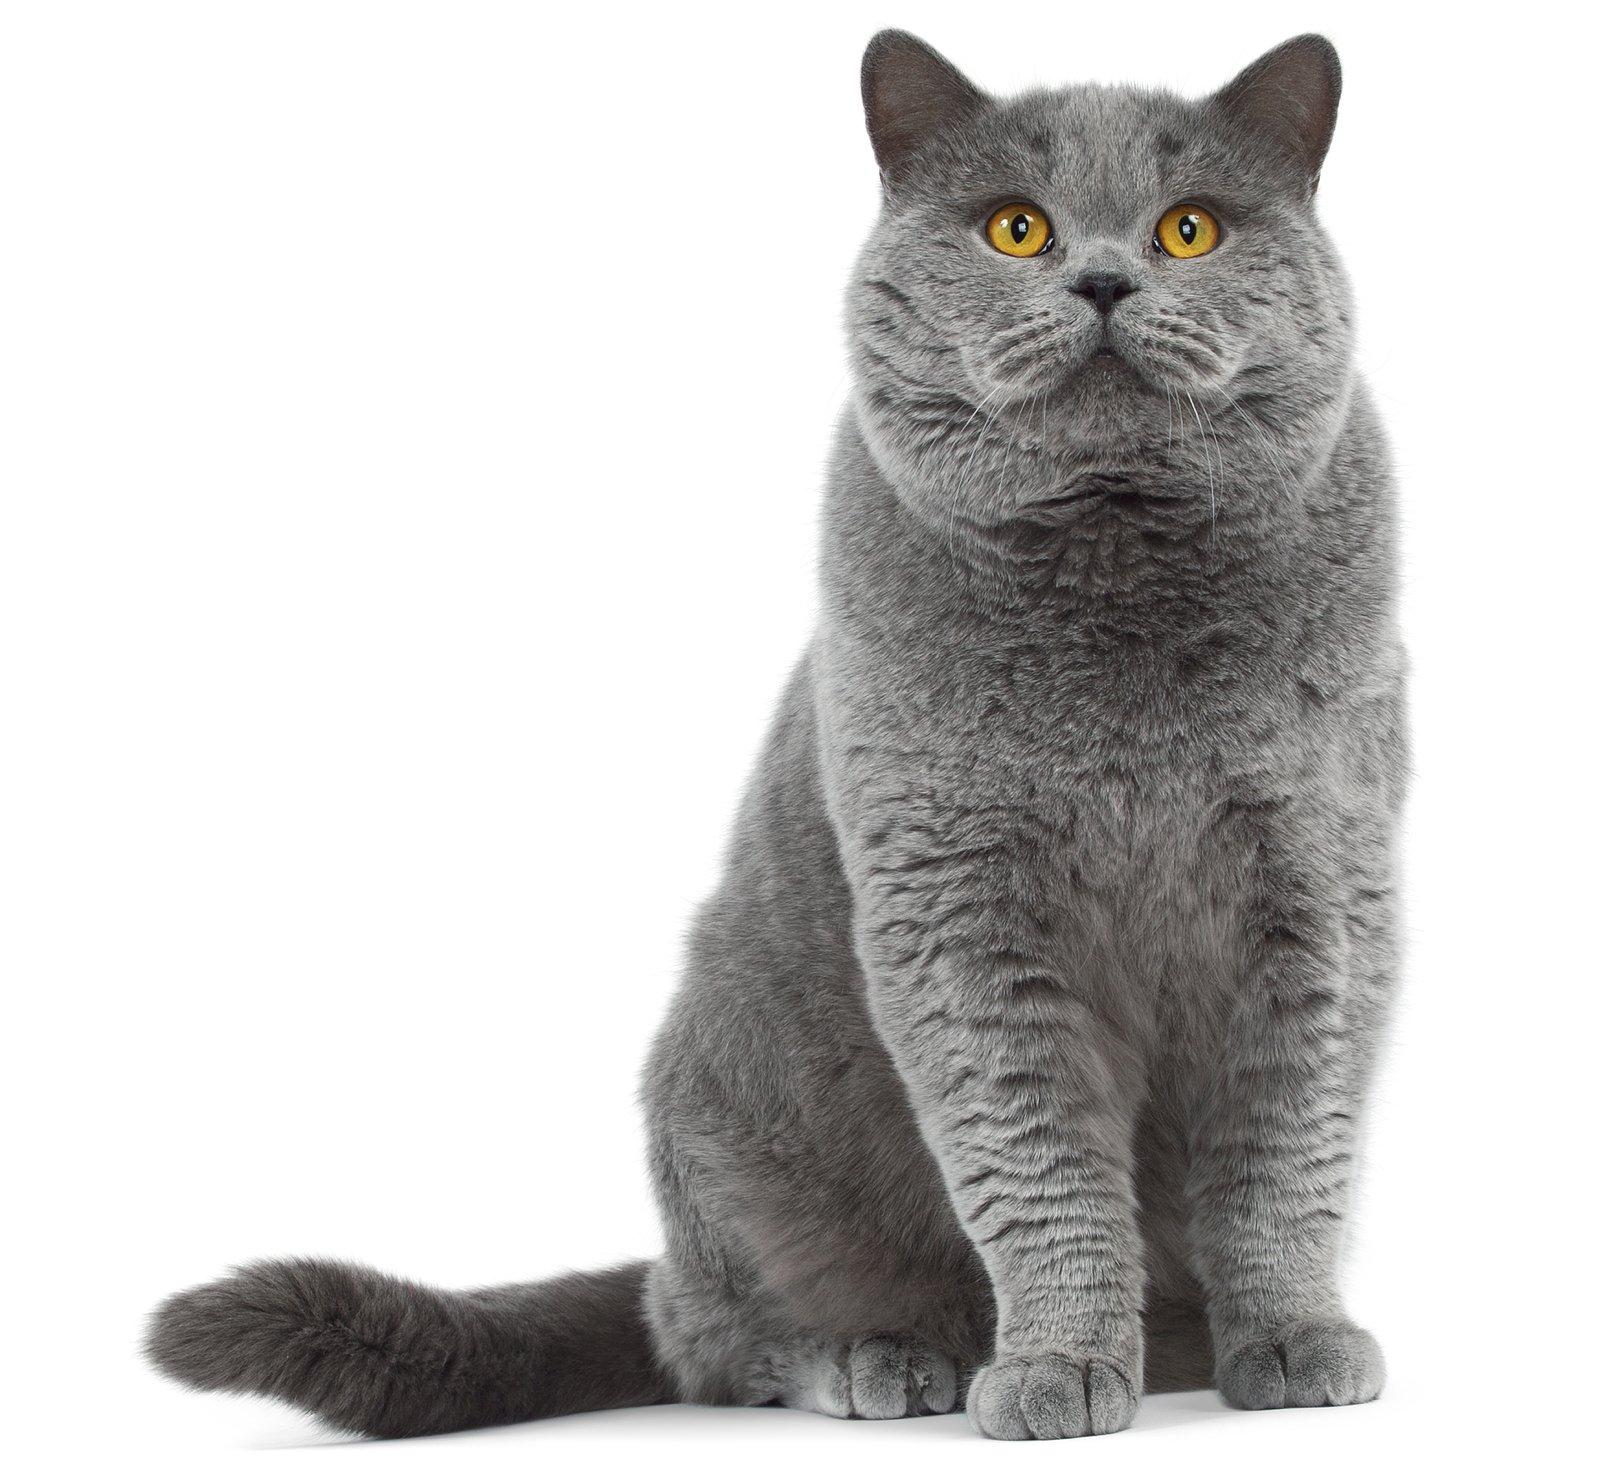 razze di gatti il gatto British Shorthair